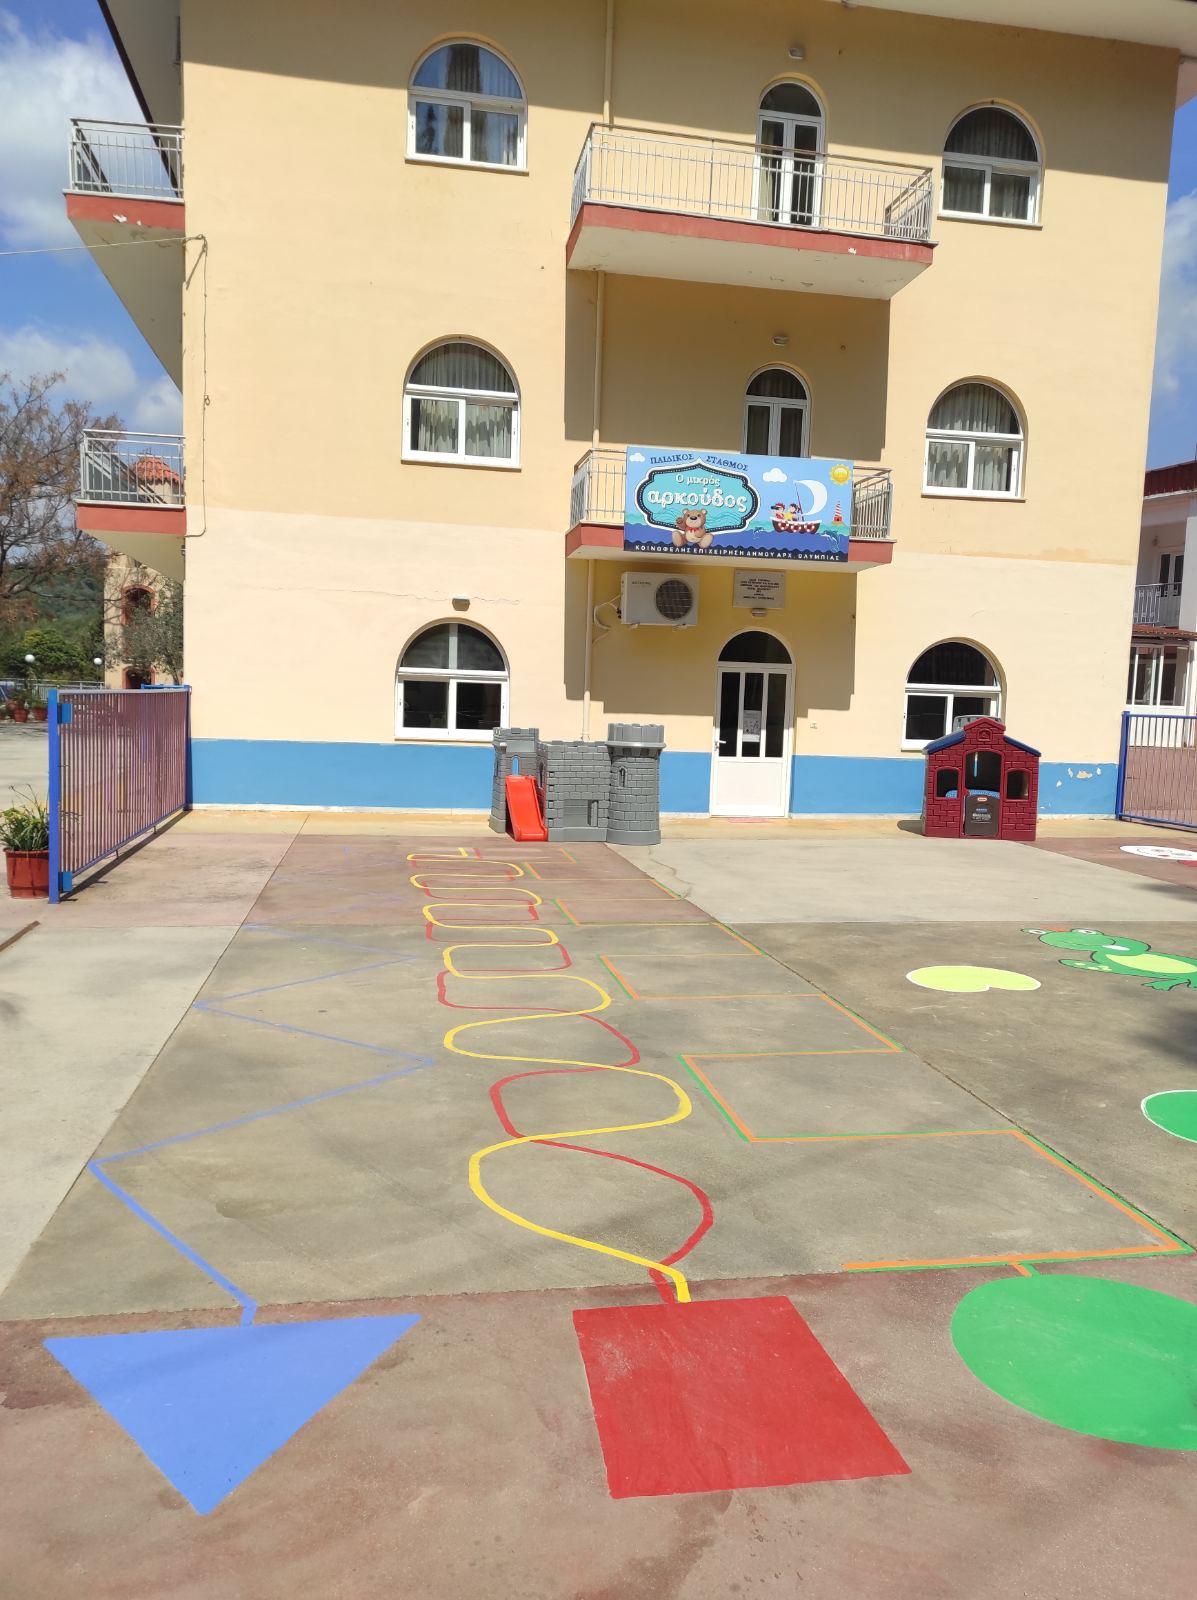 Κοινωφελής Επιχείρηση Δήμου Αρχαίας Ολυμπίας: Εικαστική παρέμβαση στον παιδικό σταθμό «Ο Μικρός Αρκούδος» στο Πελόπιο (photos)